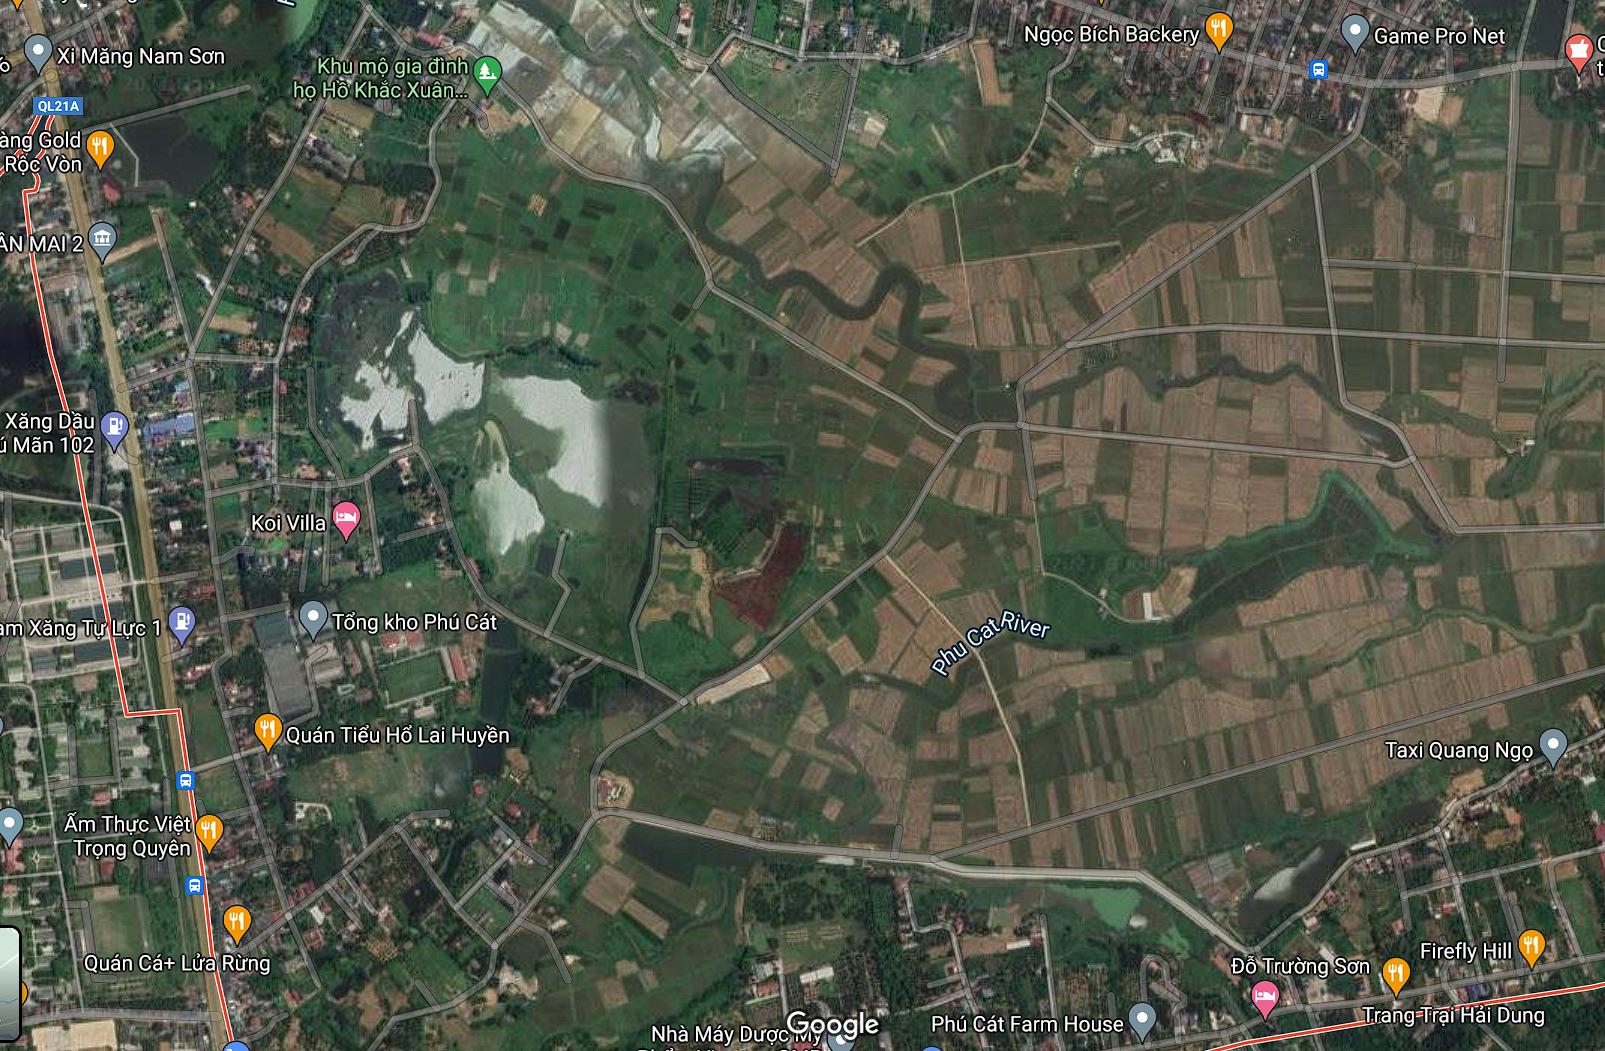 Đất dính quy hoạch ở xã Phú Cát, Quốc Oai, Hà Nội - Ảnh 2.